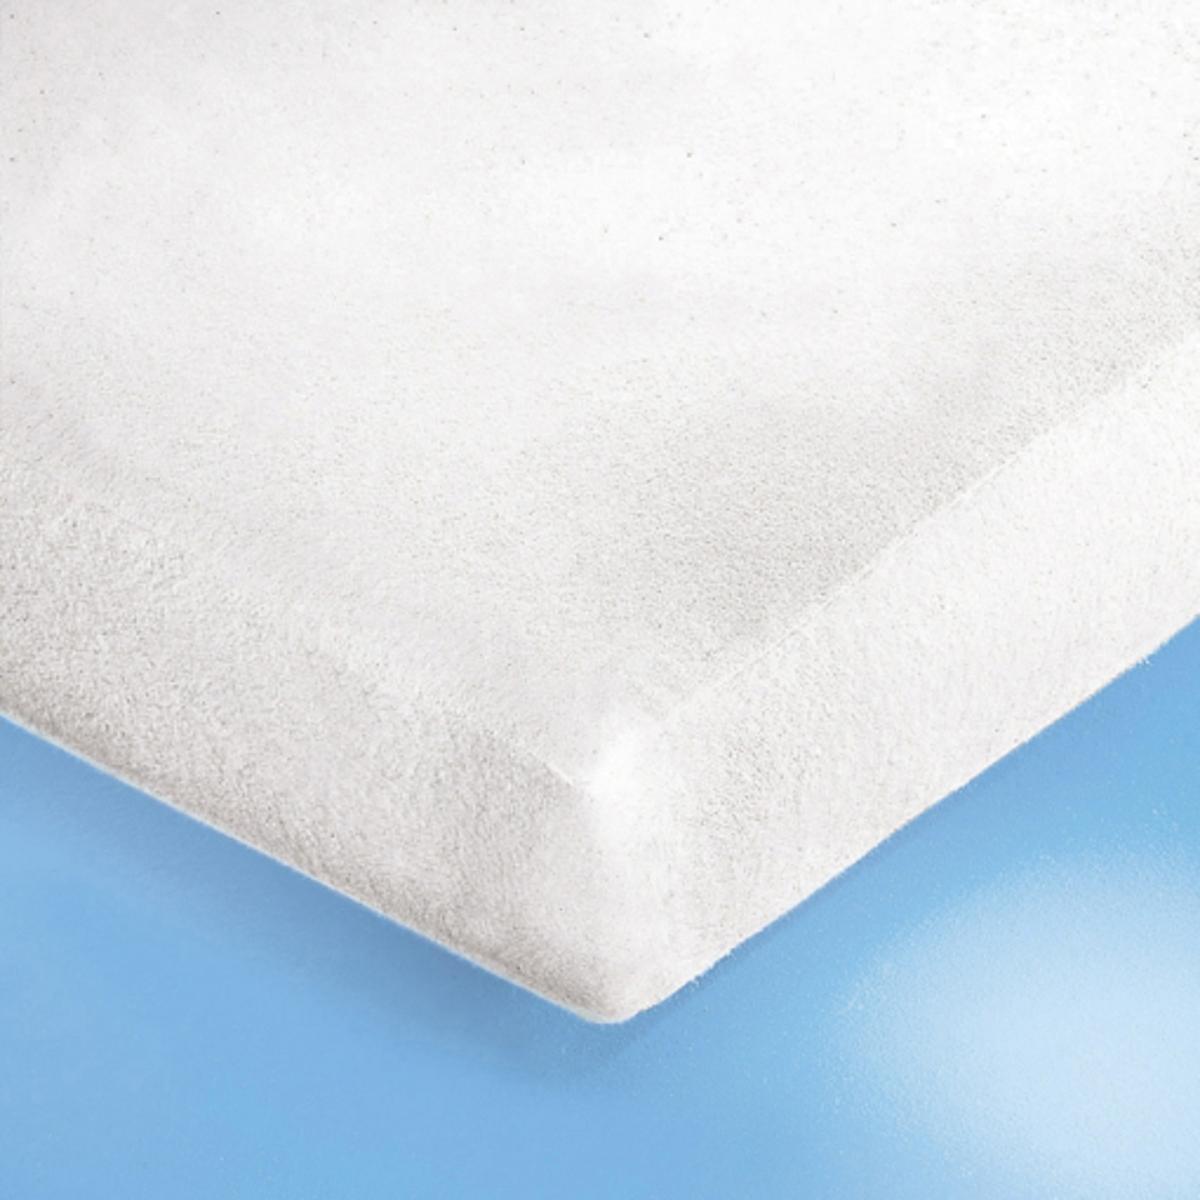 Чехол защитный для матраса из мольтона, 400 г/м?, непромокаемая пропитка ПВХНадежная защита для Ваших постельных принадлежностей и уникальный комфорт для Вас: этот чехол поглощает потоотделения, выделение которых неизбежно во время сна, и защищает подушки и одеяла от появления разводов, скапливания бактерий и клещей. Мягкий защитный чехол для матраса из мольтона, 100% хлопок, очень комфортный (начес на лицевой и оборотной стороне) и прочный, непромокаемая пропитка ПВХ, санитарная обработка без фталатов.Машинная стирка при 95 °С для идеальной гигиены, обработка от усадки ткани SANFOR.4 закрывающихся эластичных уголка (высота. 27 см).Качество VALEUR S?RE.<br><br>Цвет: белый